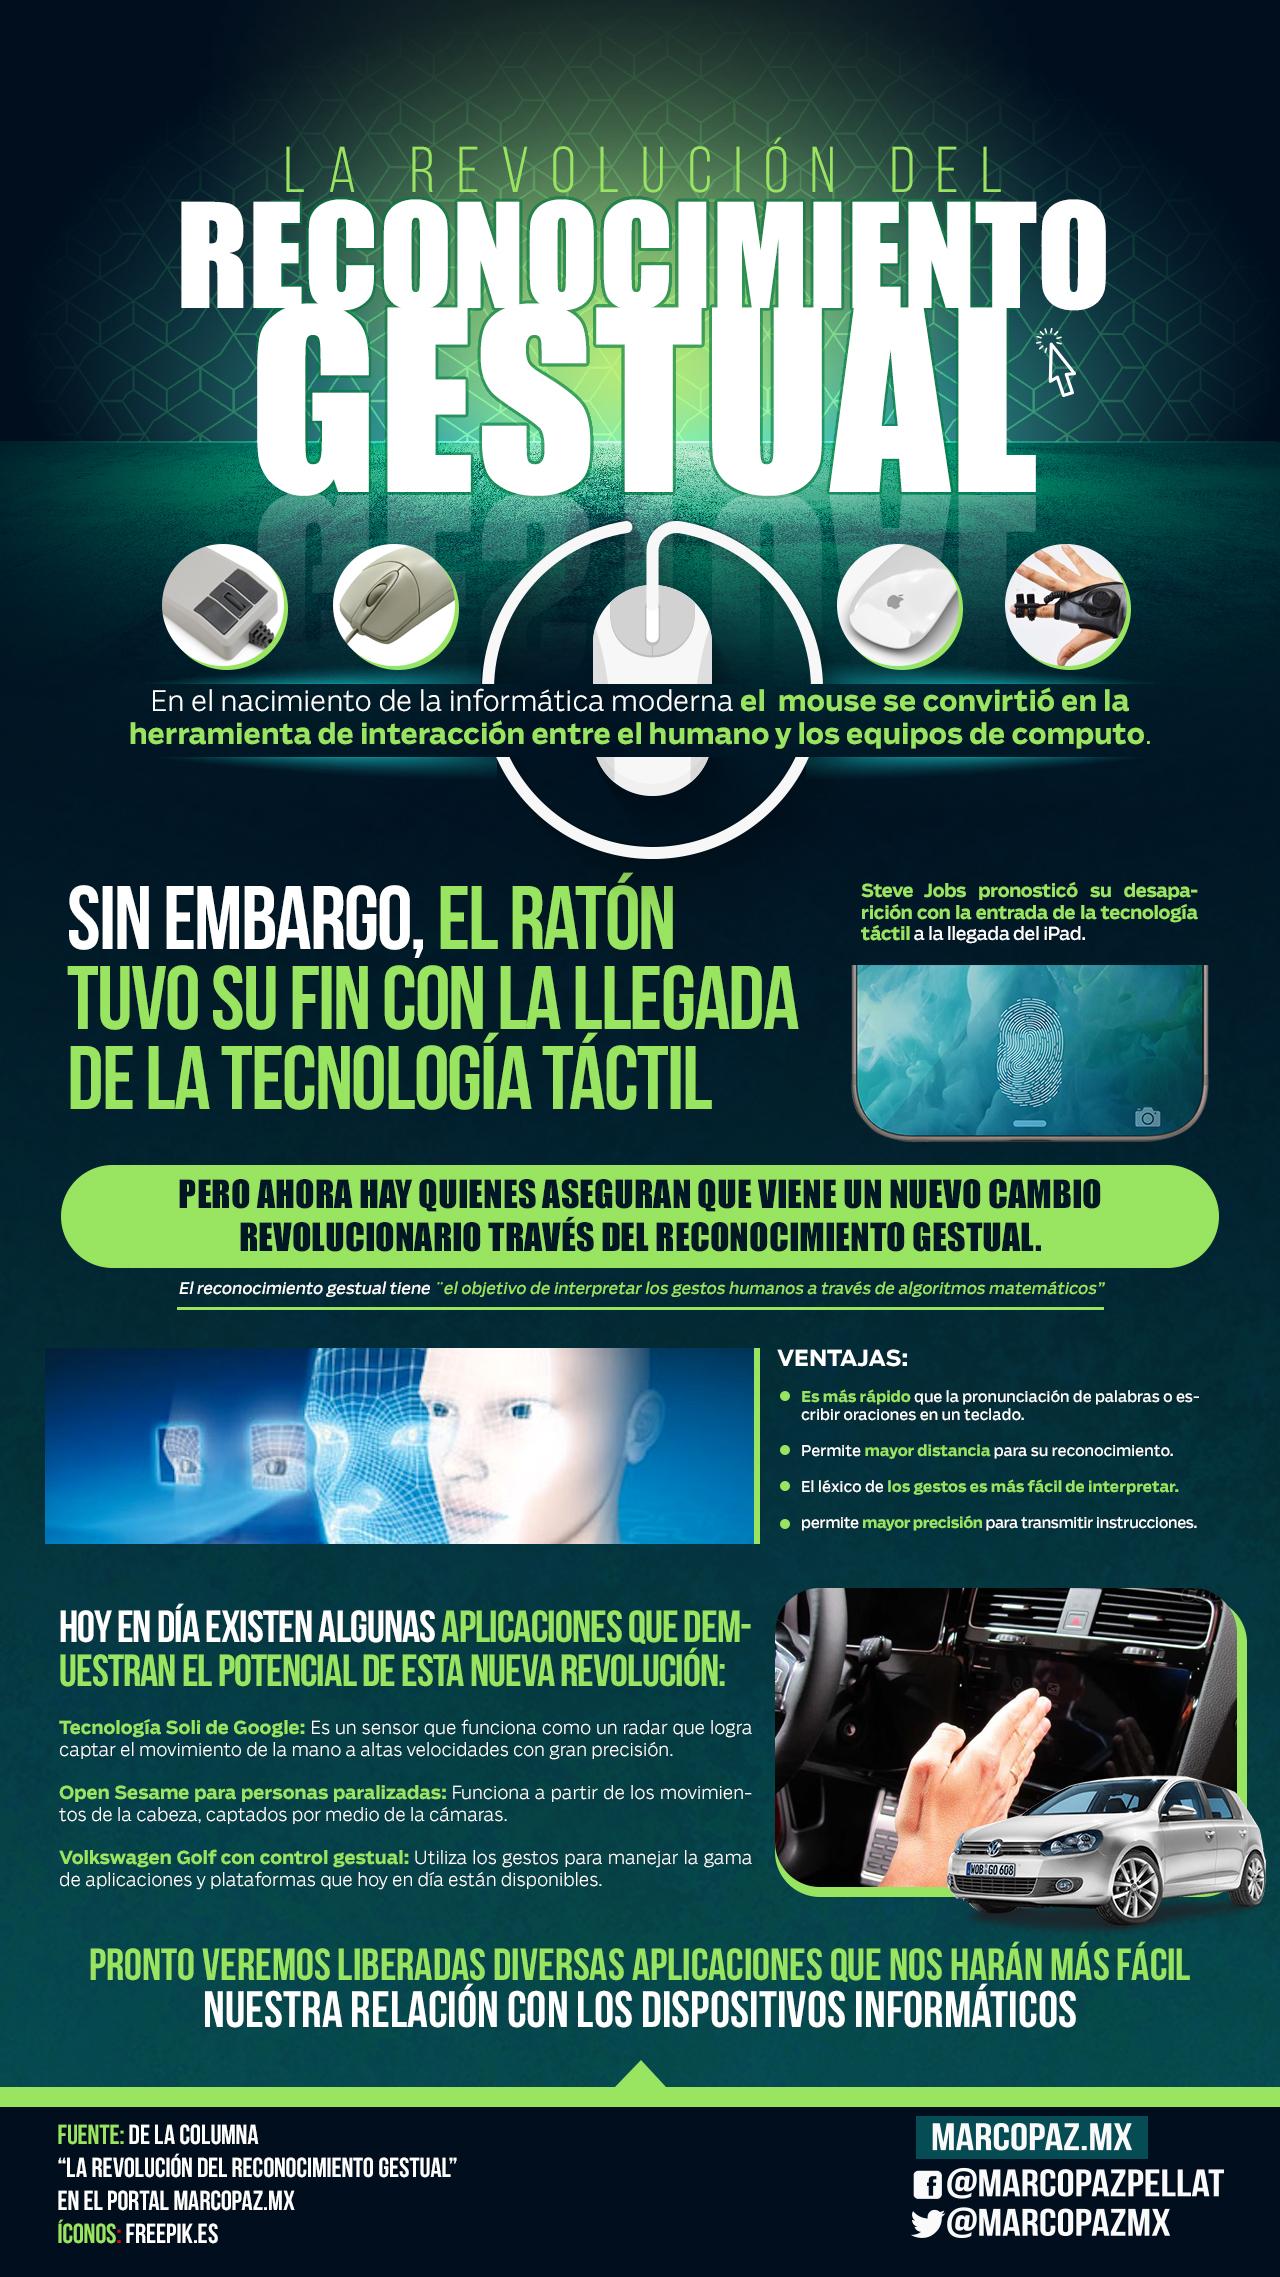 022_INFOGRAFIA_La revolución del reconocimiento gestual copy